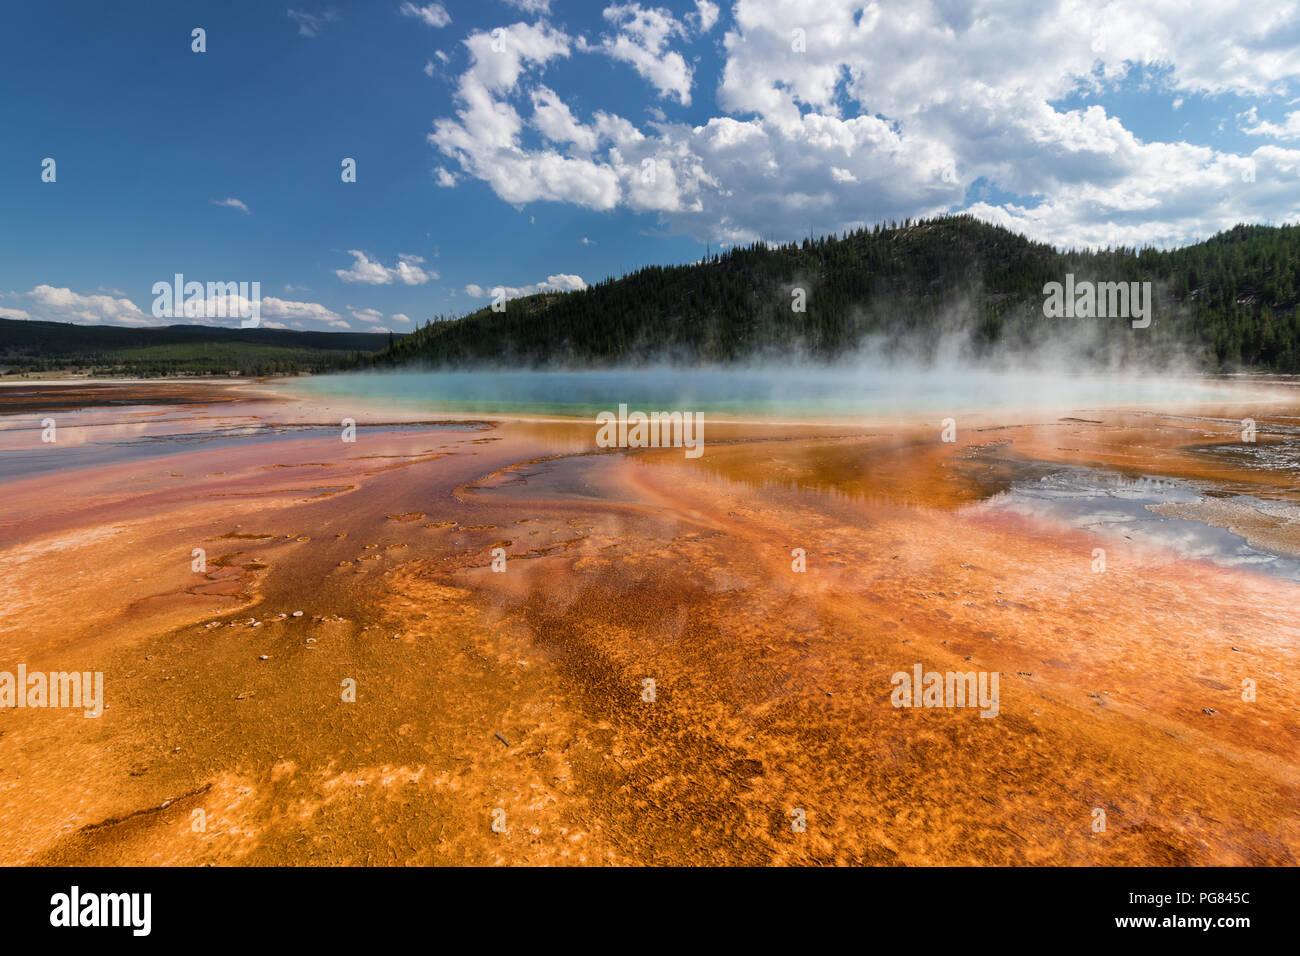 Grand Prismatic Spring, Yellowstone Park. Landschaft an einem sonnigen Sommertag mit Wolken. Kontrast der Farben - Orange, Grün, Blau Stockbild